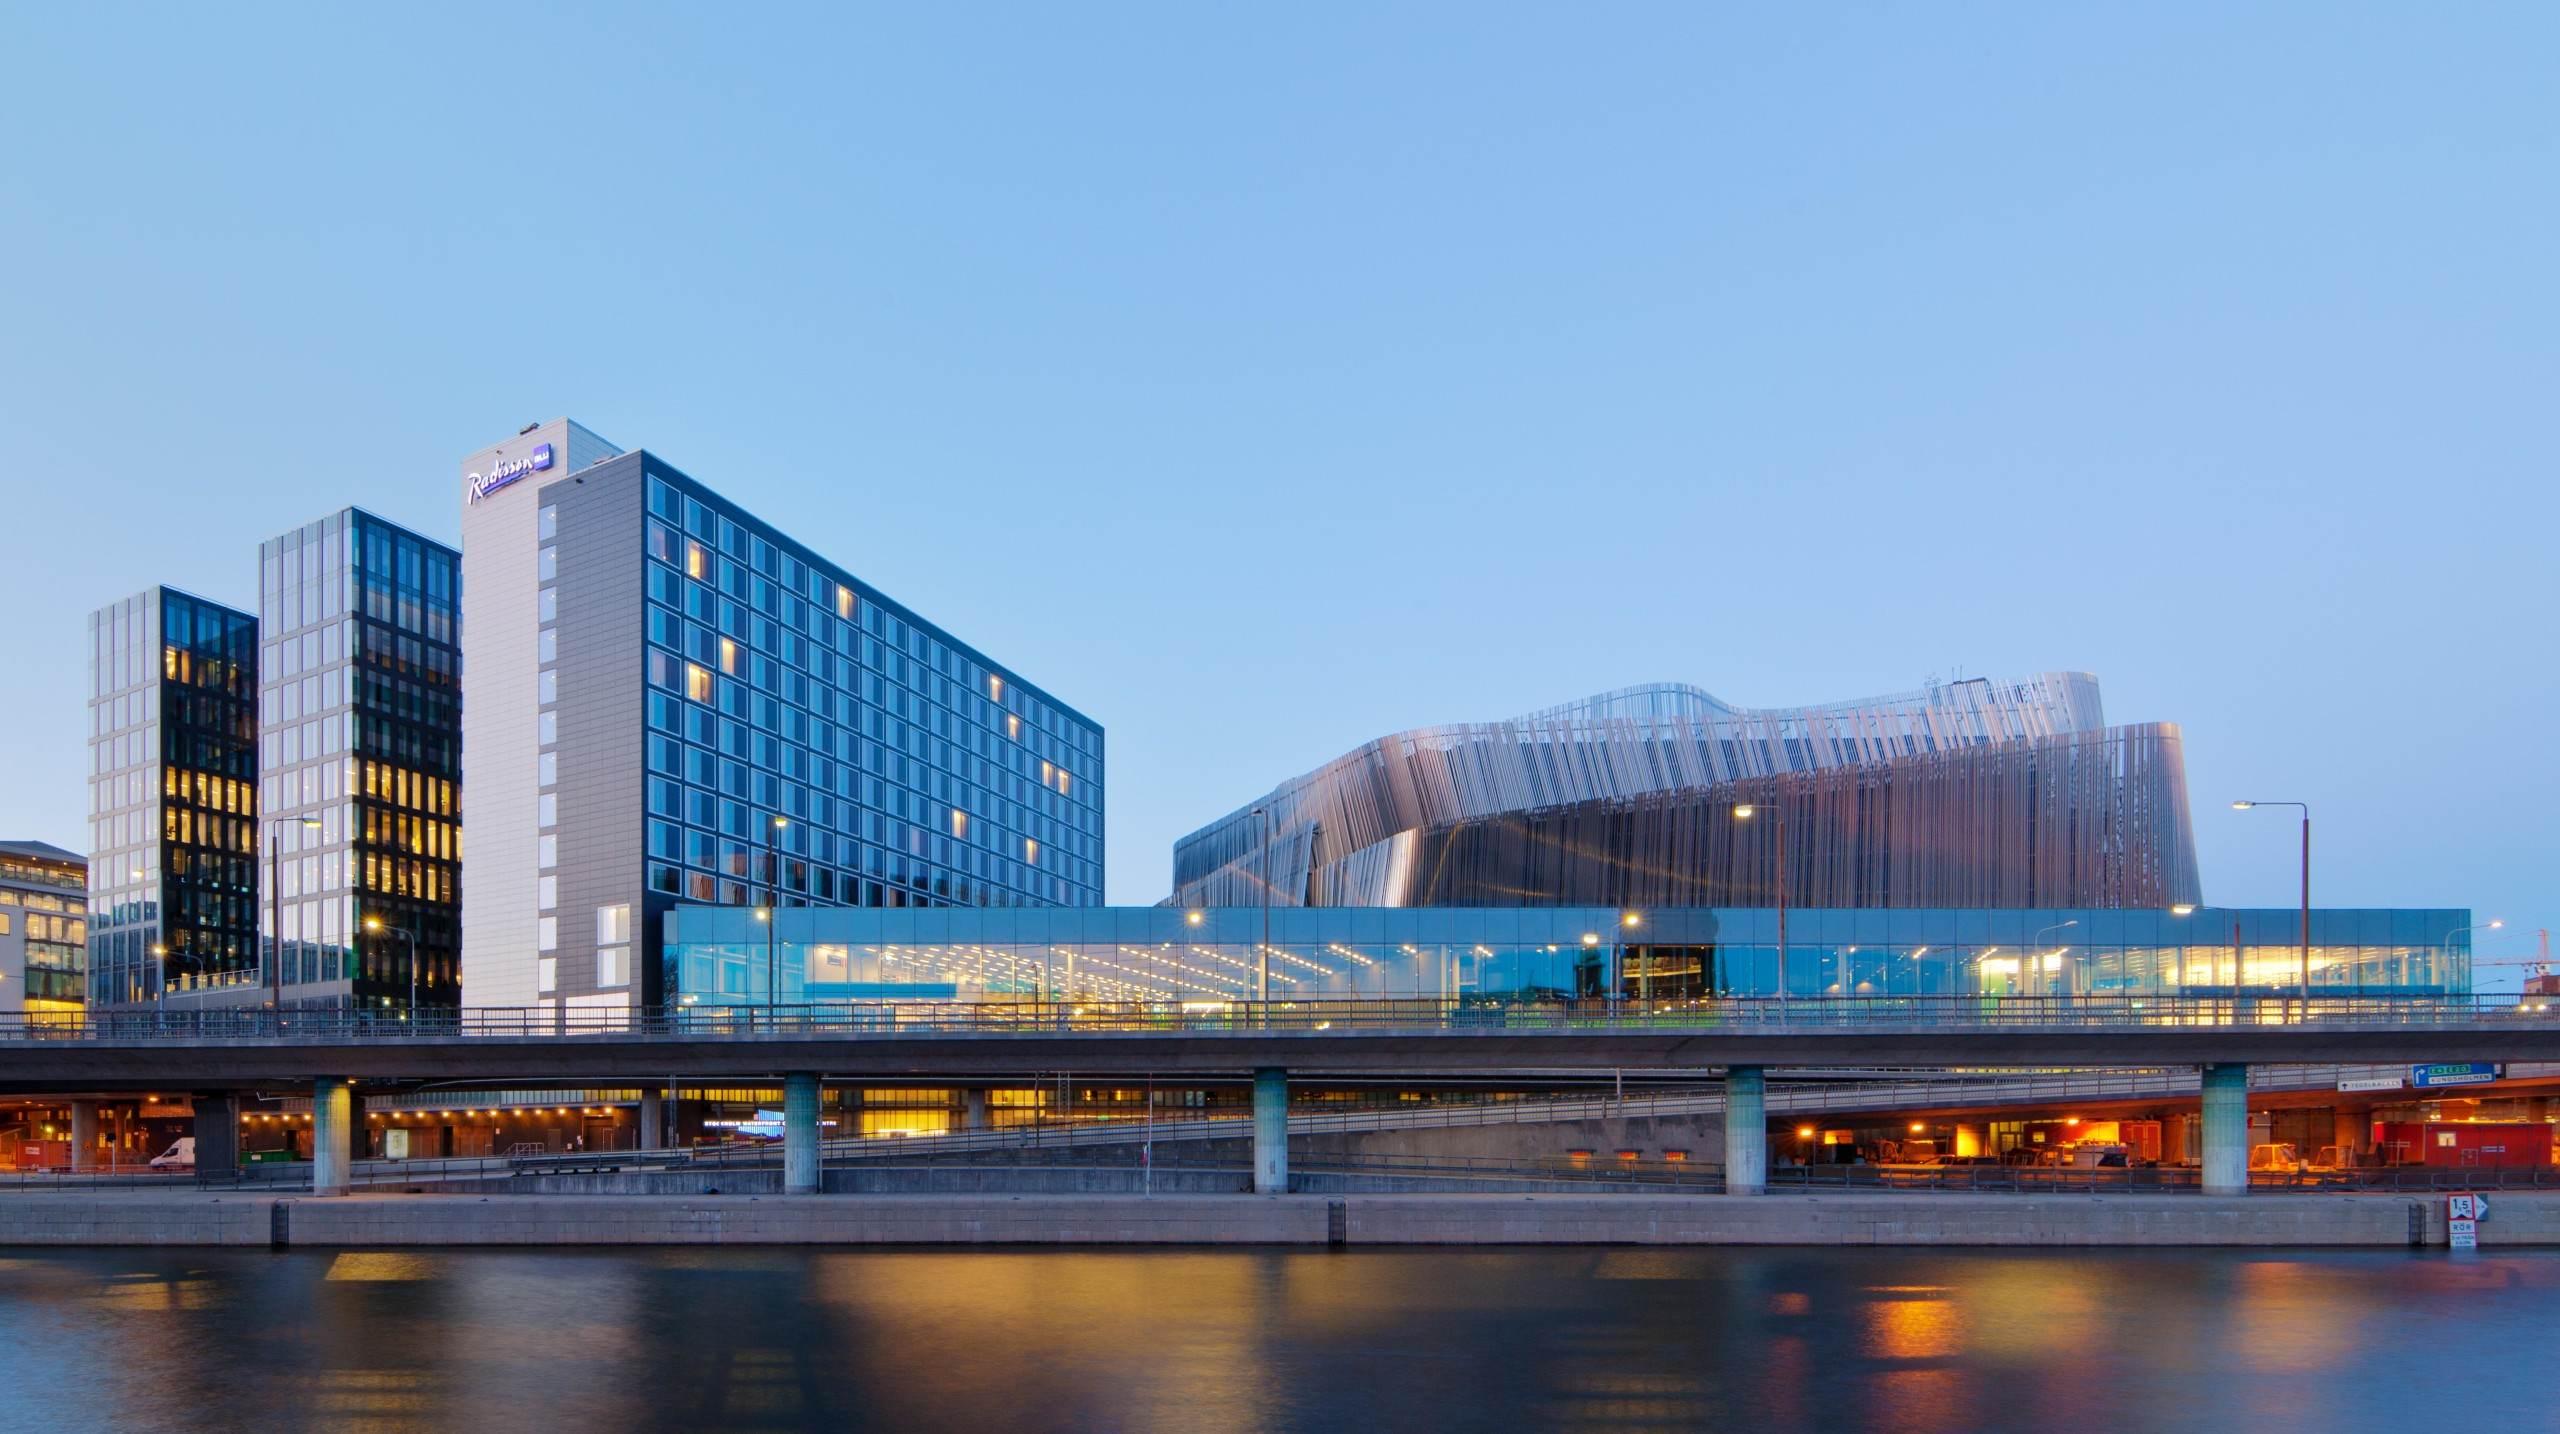 VVS Stockholm Waterfront konferenscenter